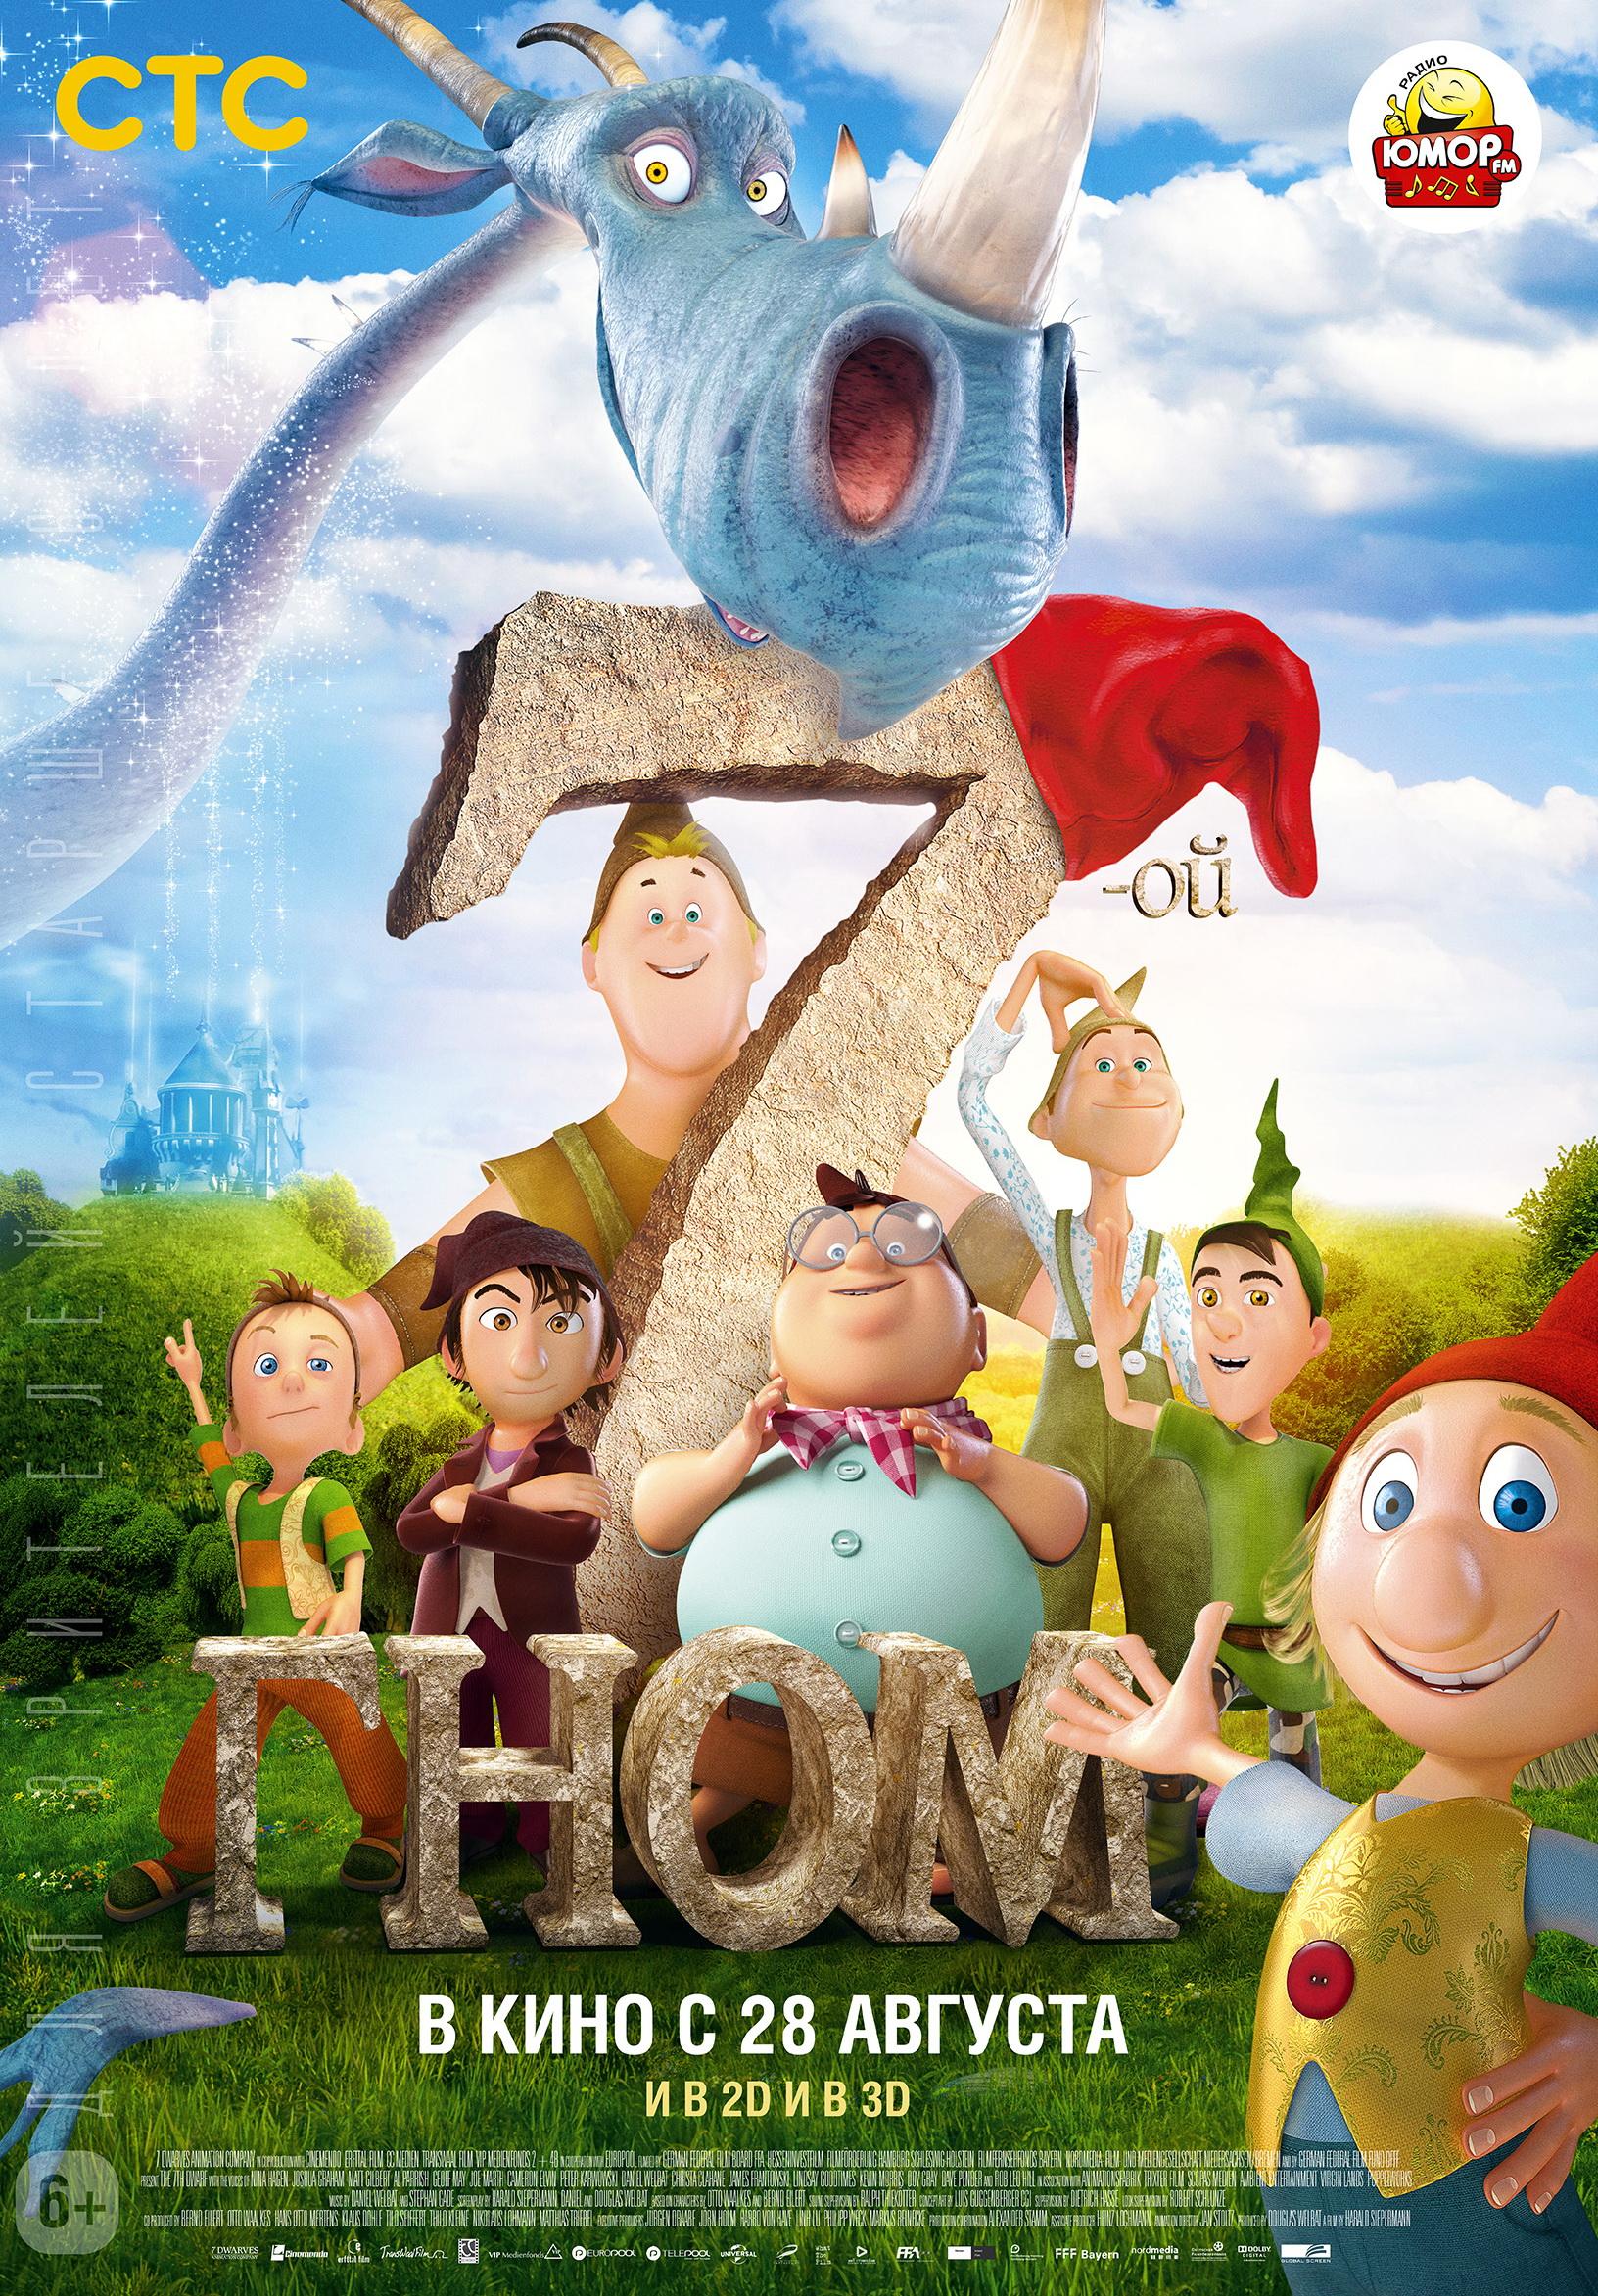 плакат фильма постер локализованные 7-ой гном